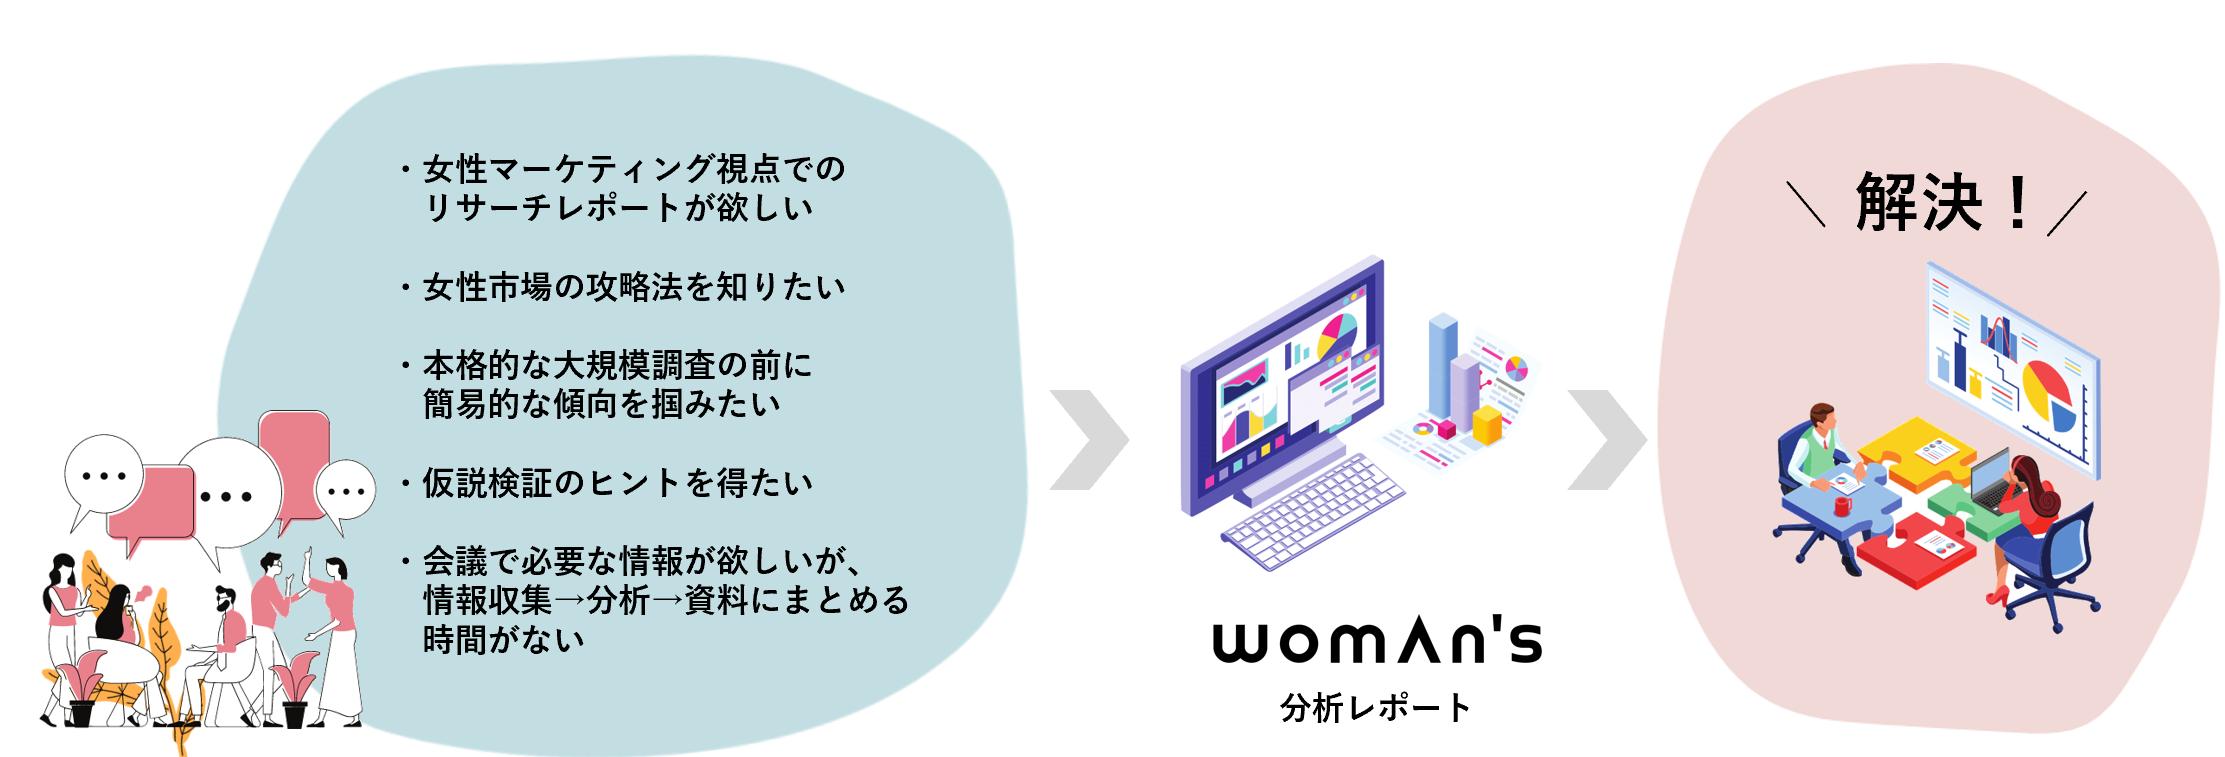 女性生活者分析レポート